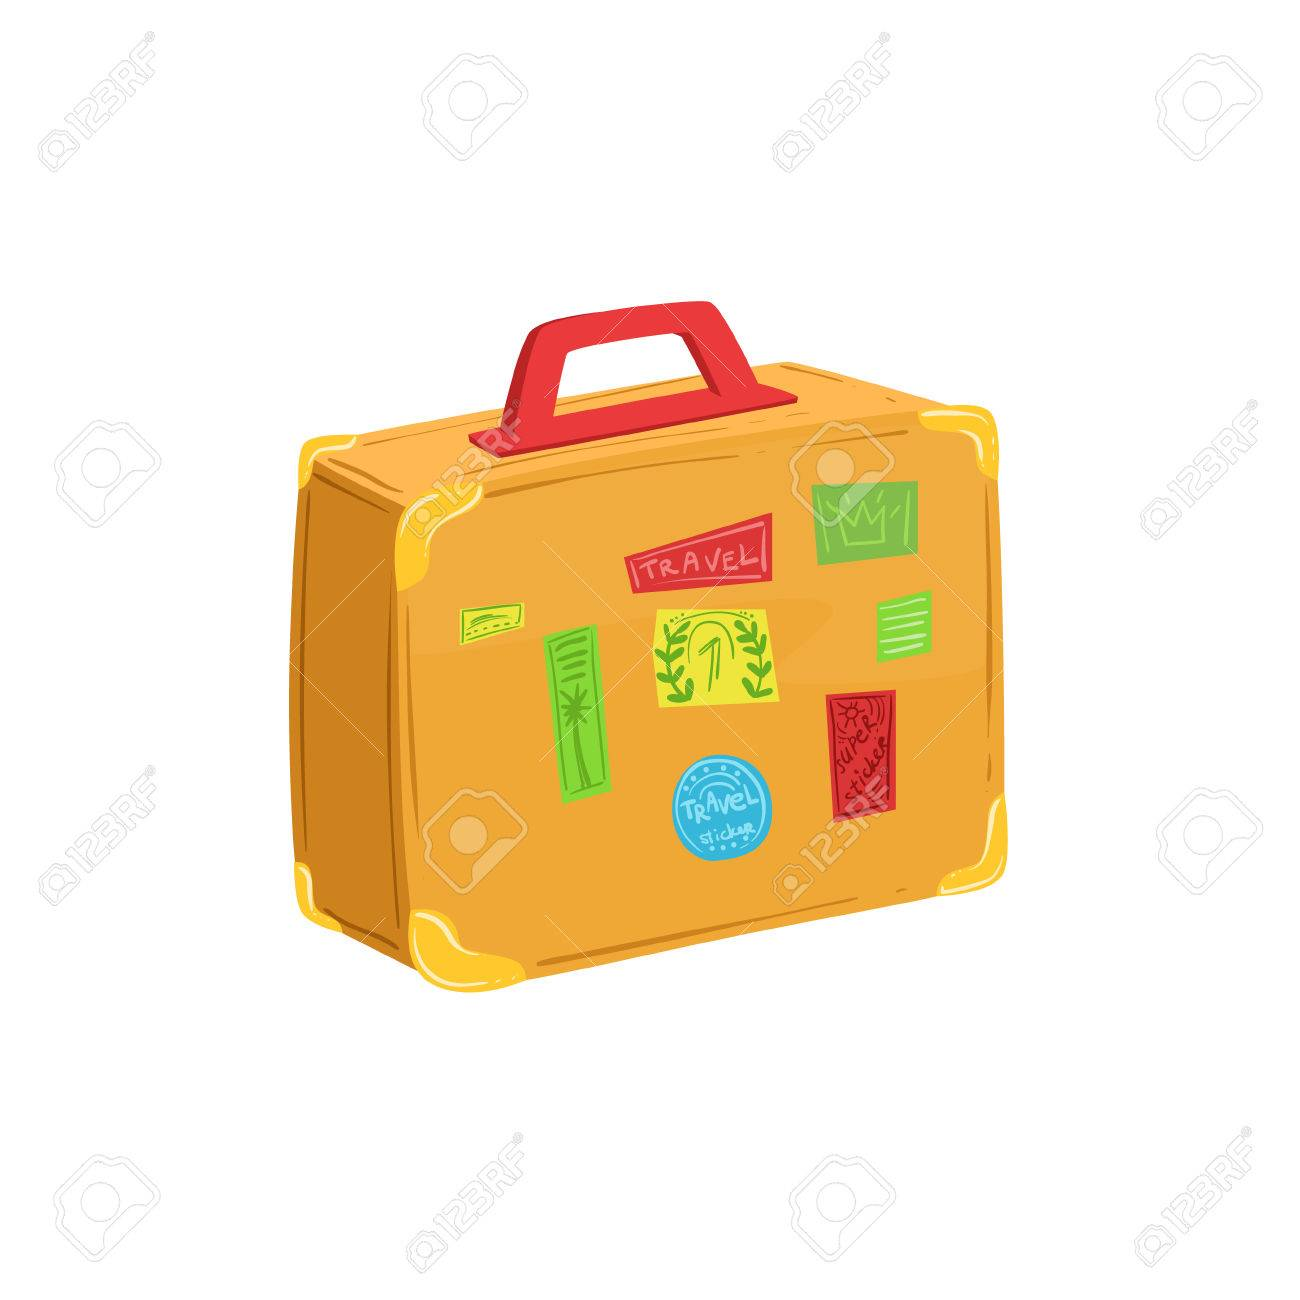 a0ad4e936 Foto de archivo - Maleta de la vendimia con pegatinas de viajes y sellos  elemento de equipaje Colección de dibujos animados Bolsa de accesorios.